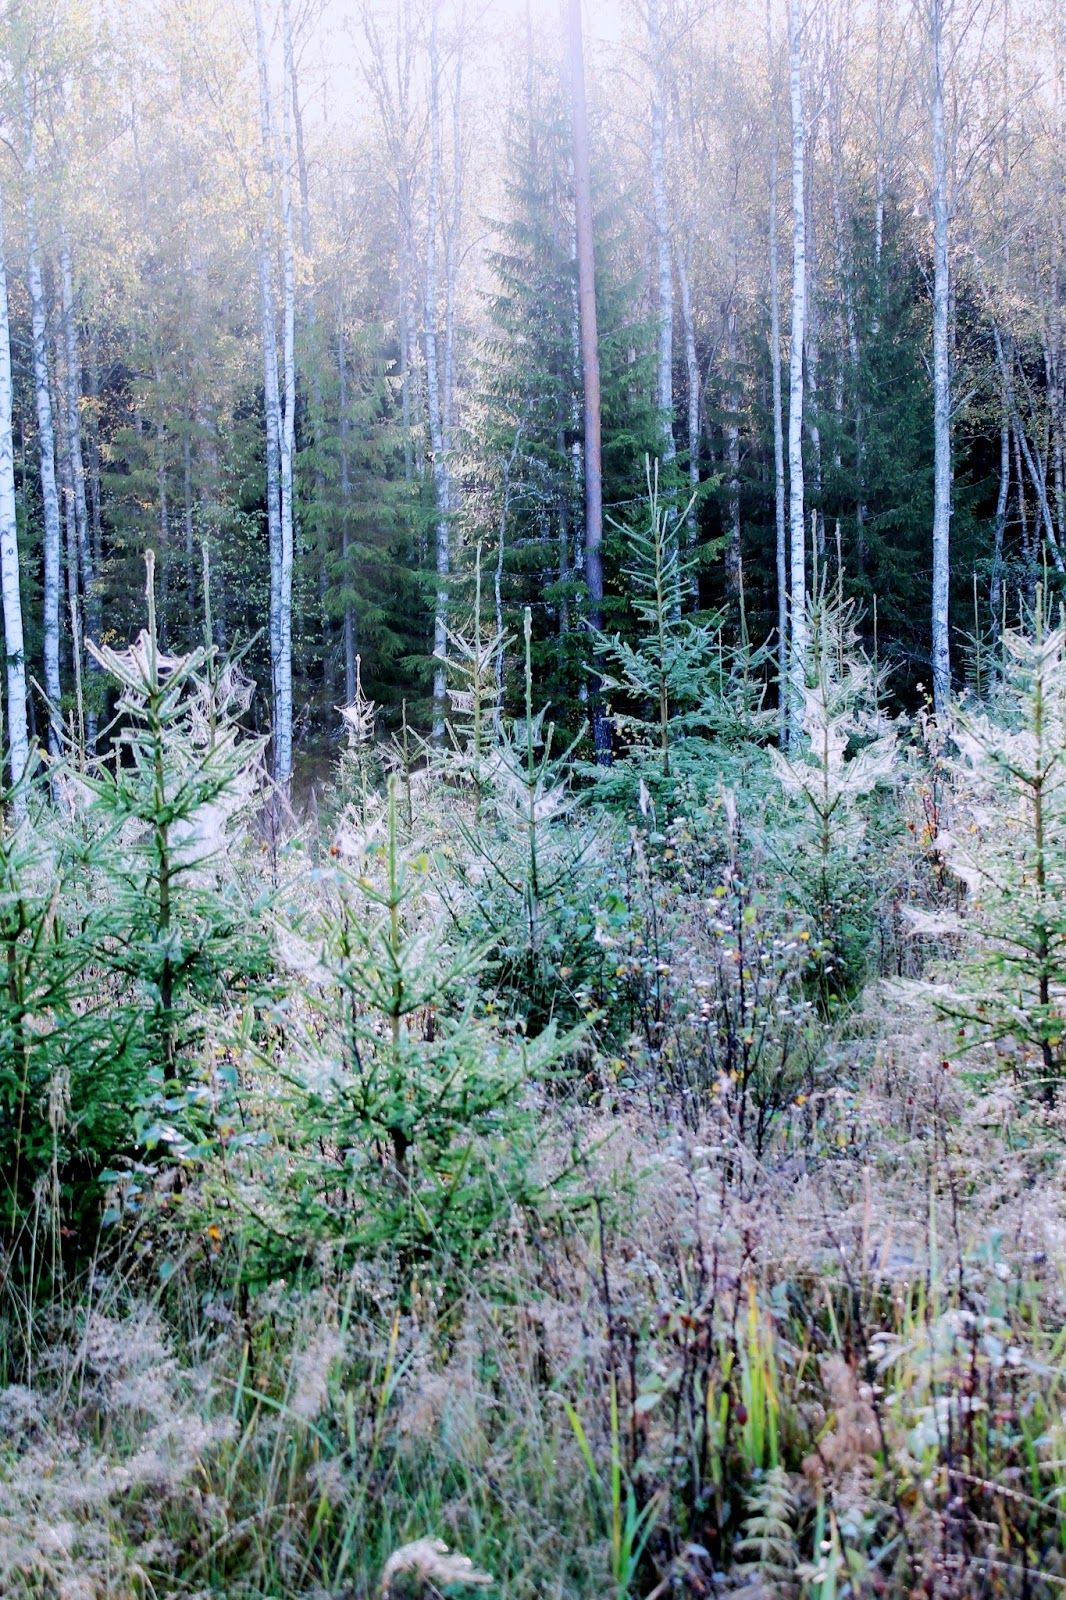 Magical forests in Finland | Alinan kotona blog